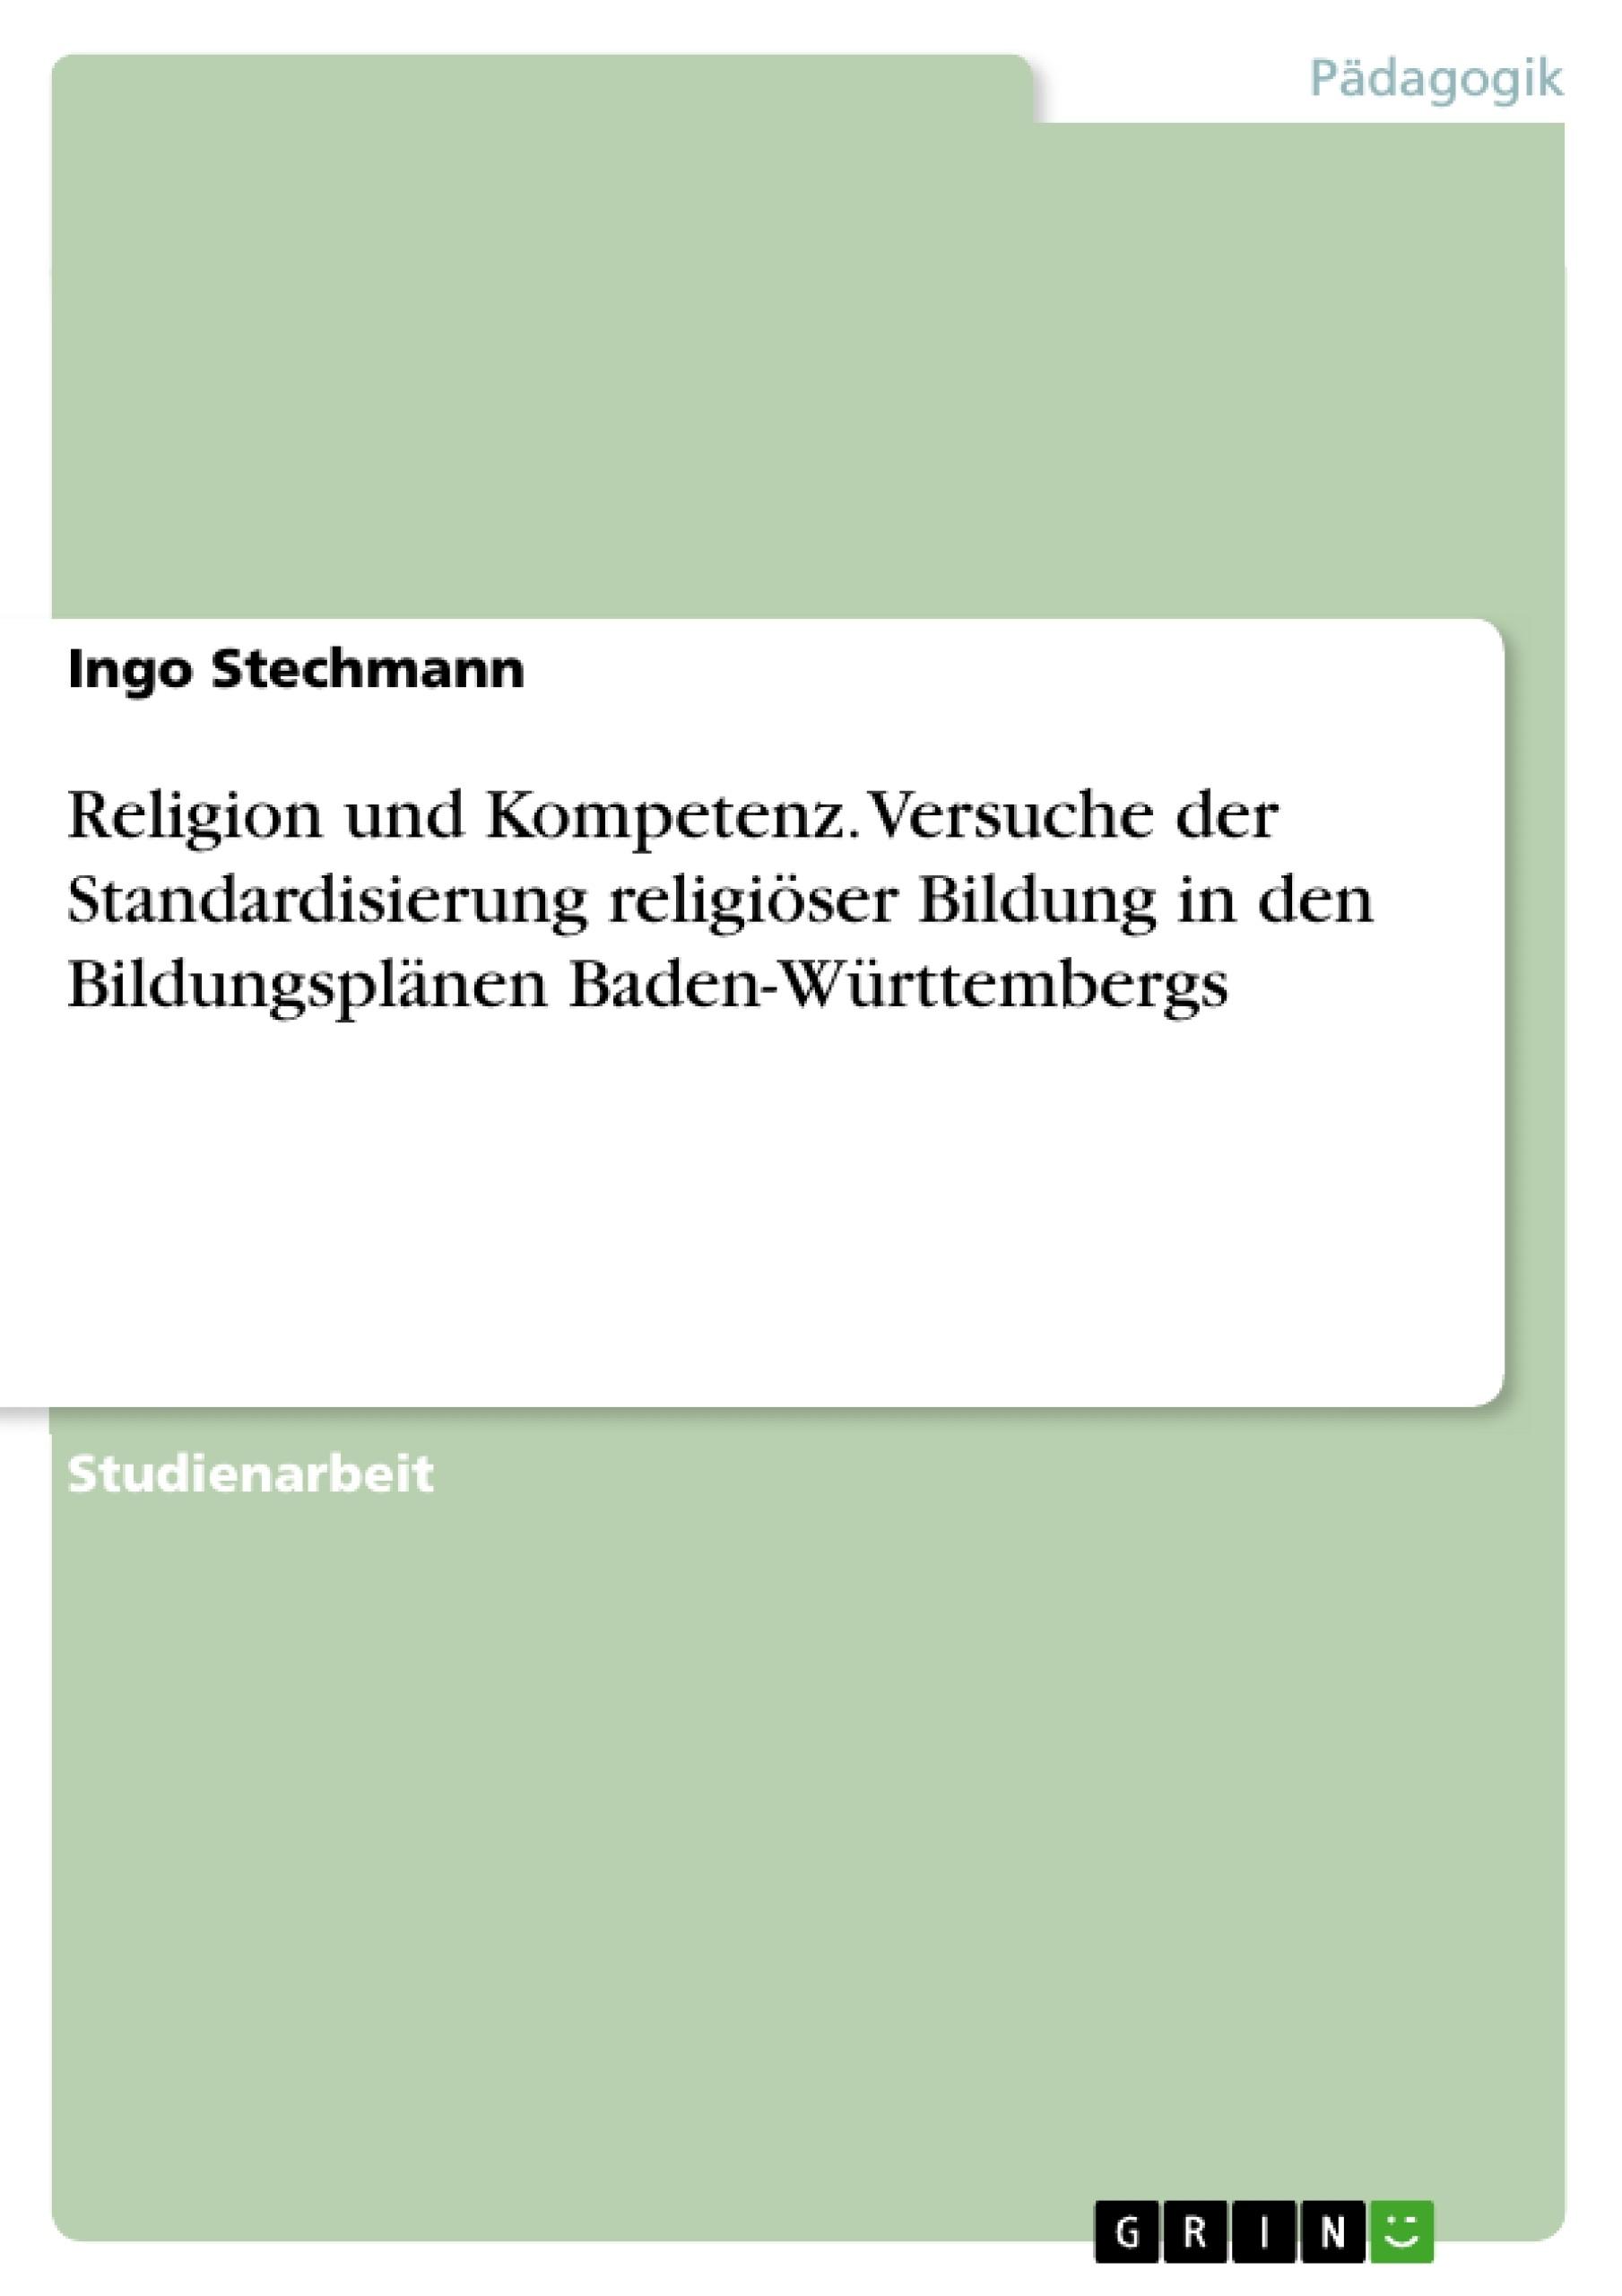 Titel: Religion und Kompetenz. Versuche der Standardisierung religiöser Bildung in den Bildungsplänen Baden-Württembergs